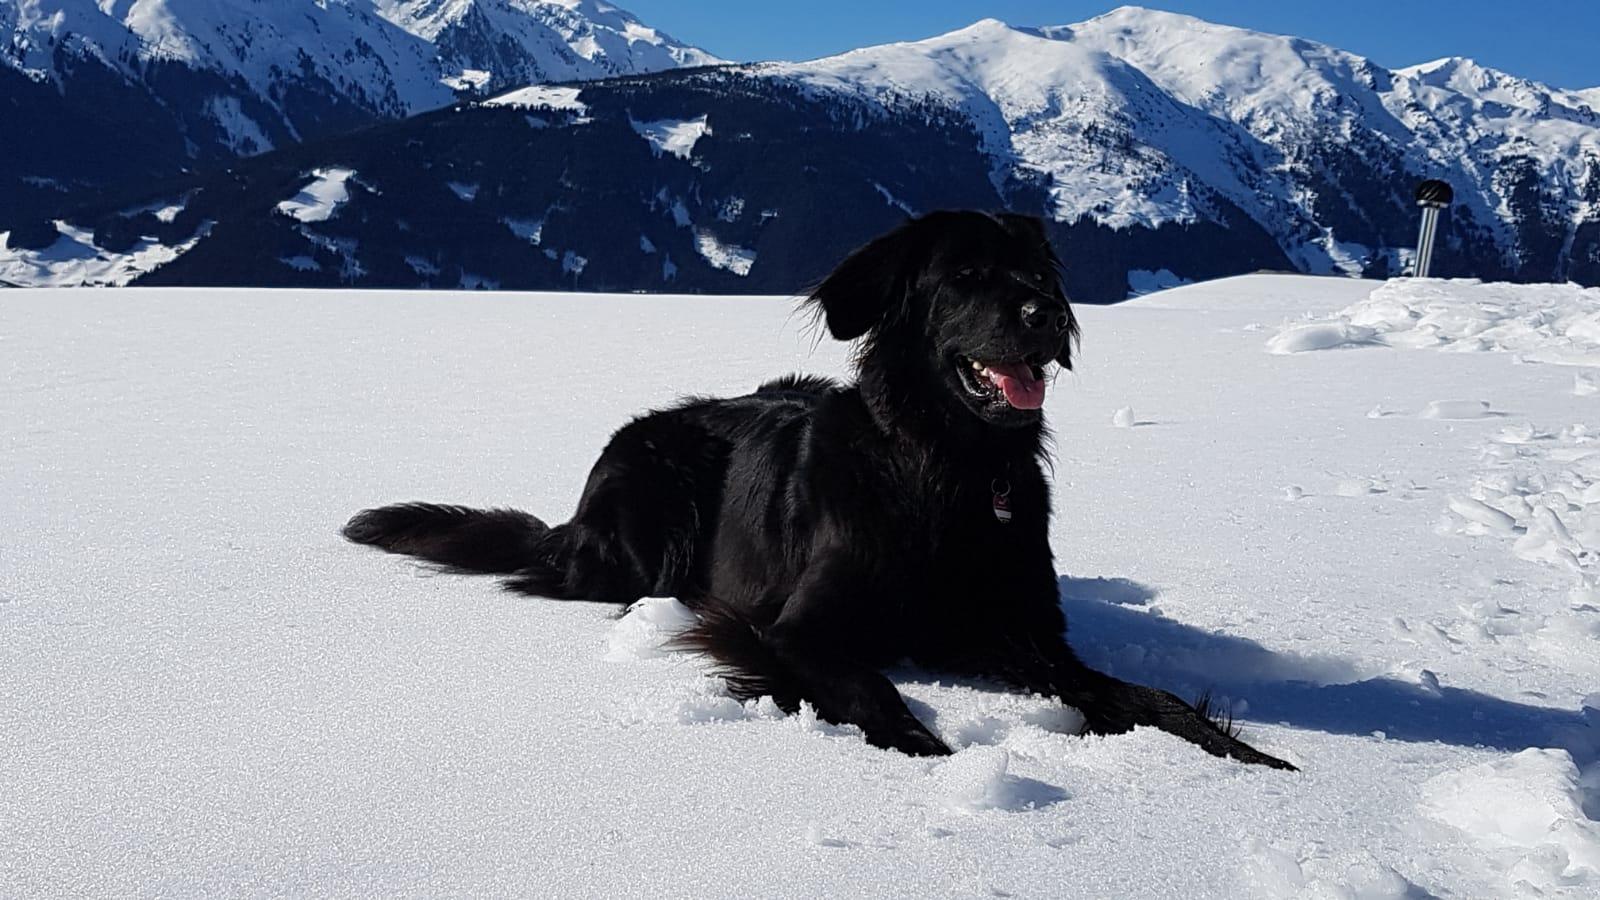 Urlaub Zillertal 2019 , Schnee mein Element